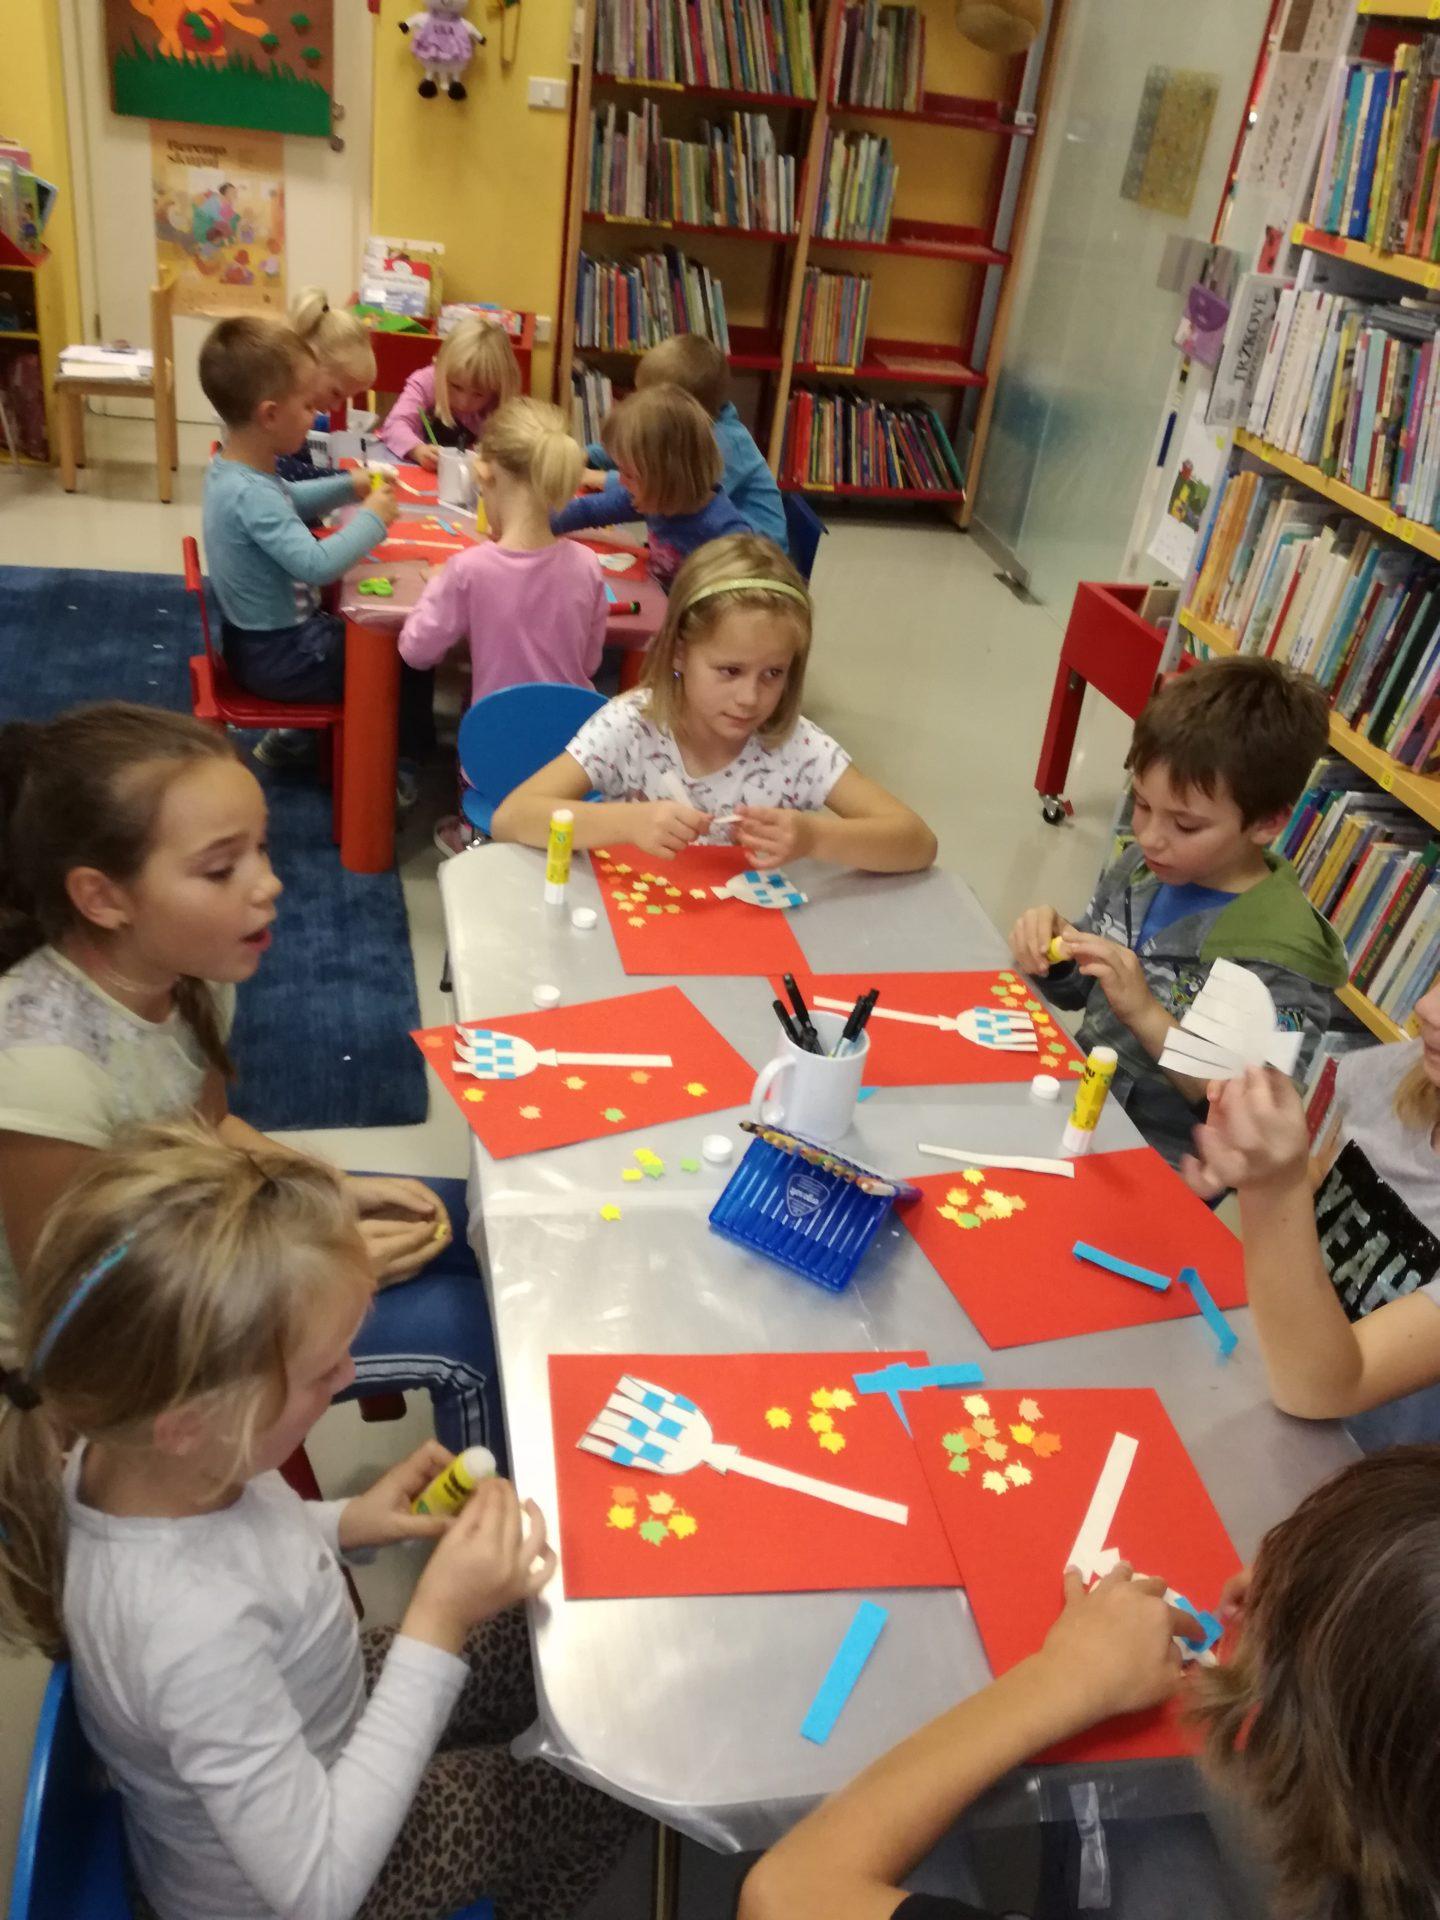 IMG 20191011 175429 - Pravljična urica z ustvarjalno delavnico za otroke od 4. leta dalje